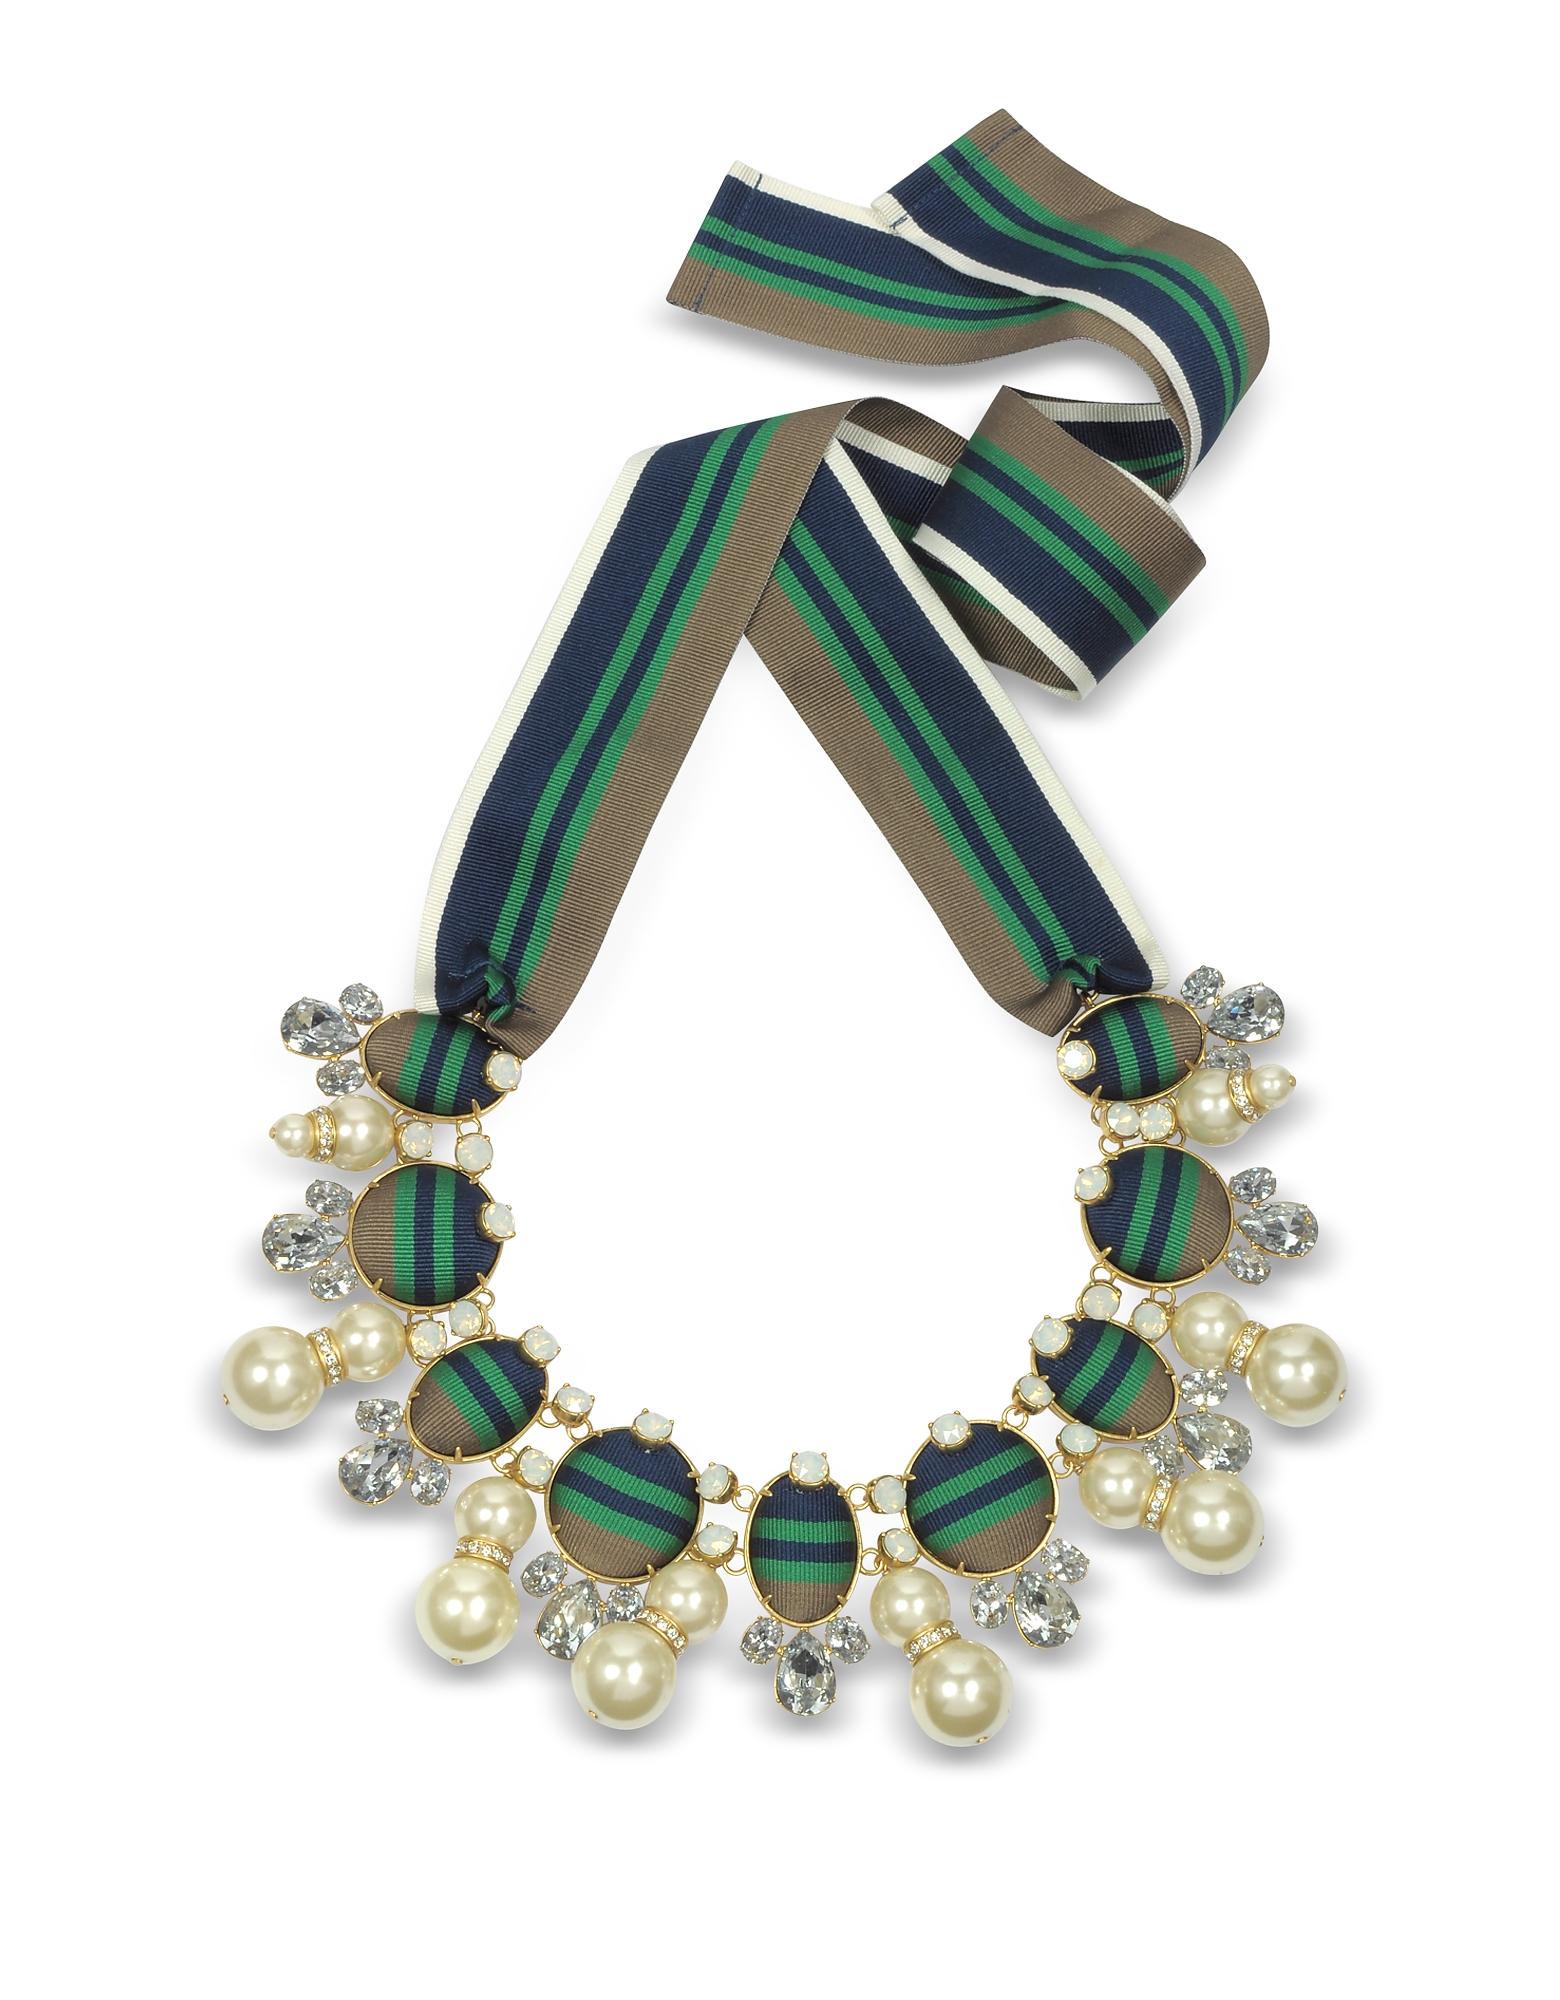 Винтажное Ожерелье с Лентой, Кристаллами и Стеклянными Жемчужинами